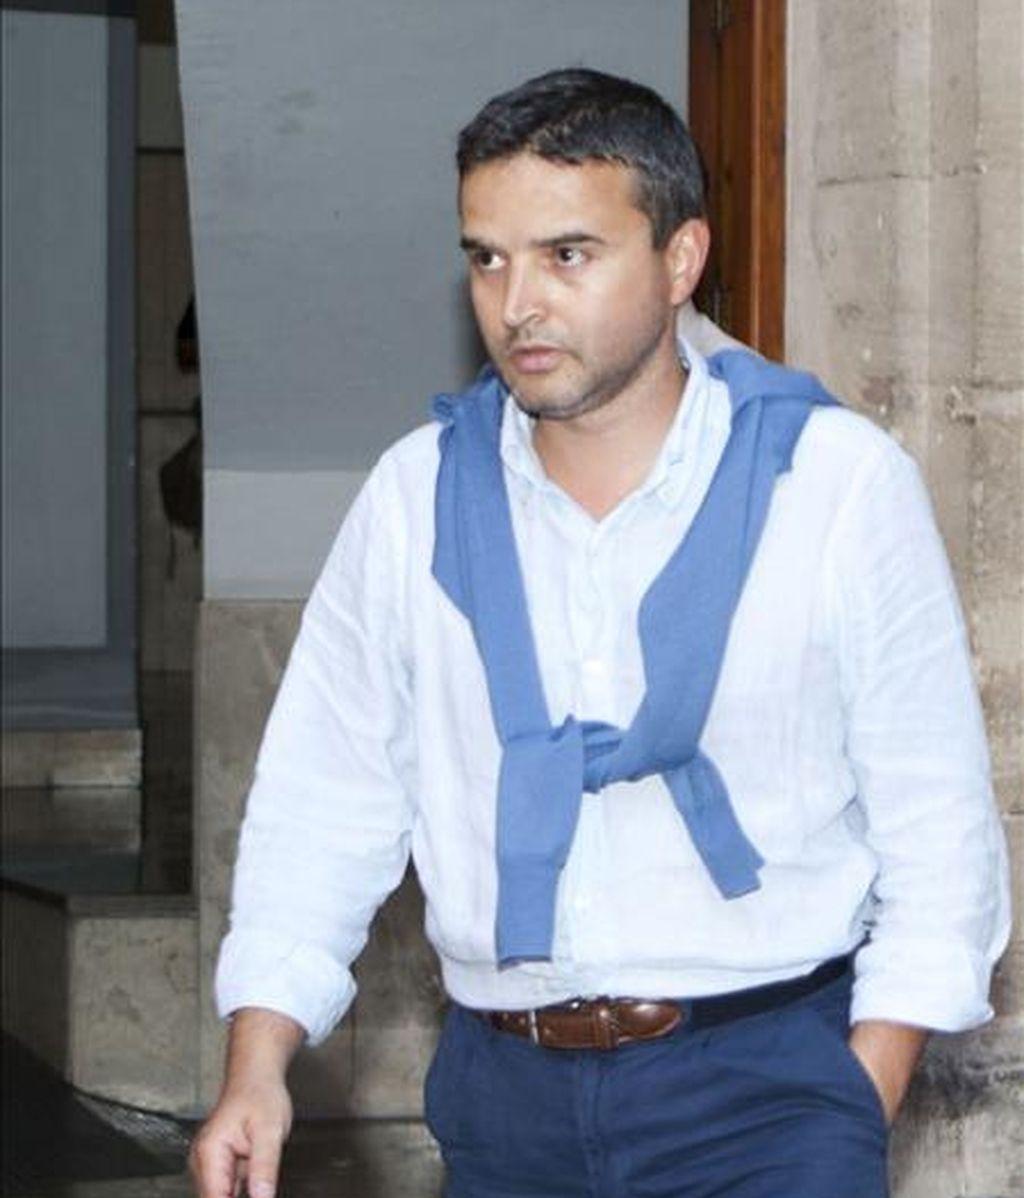 El director del Ibatur desde 2004 hasta 2007, Raimundo Alabern, abandona los juzgados de instrucción número 2 de Palma de Mallorca tras comparecer ante el juez Ignacio Lope Sola en relación con la presunta trama corrupta en torno al Instituto Balear de Turismo durante la pasada legislatura. EFE/Archivo